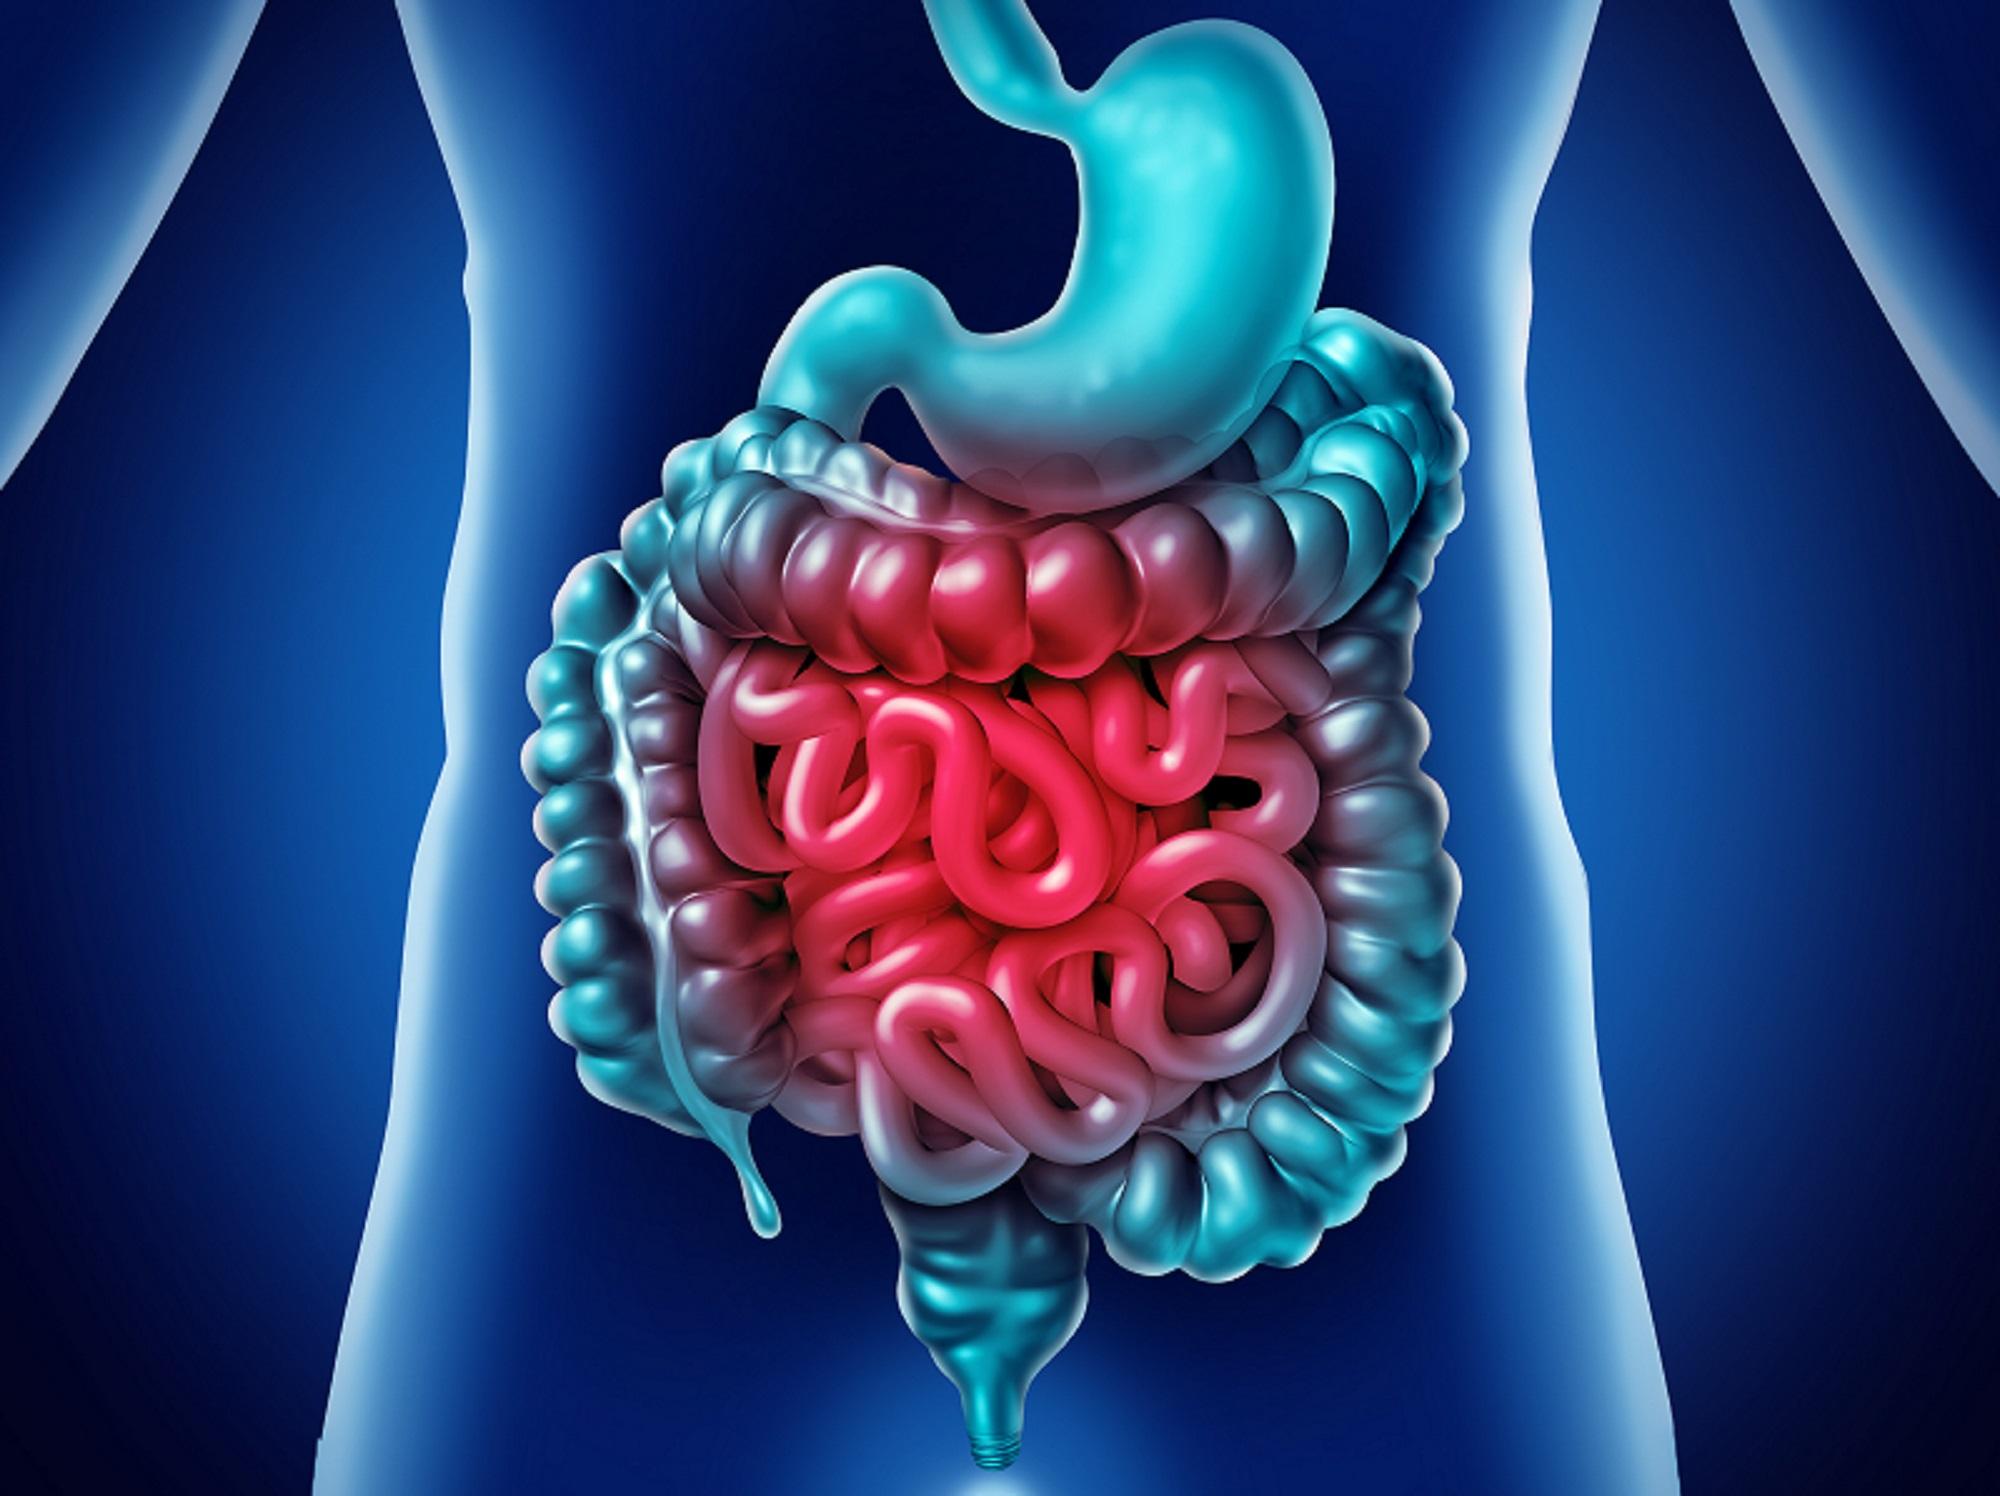 Mononucleosis syndromes - Infectious Disease Advisor